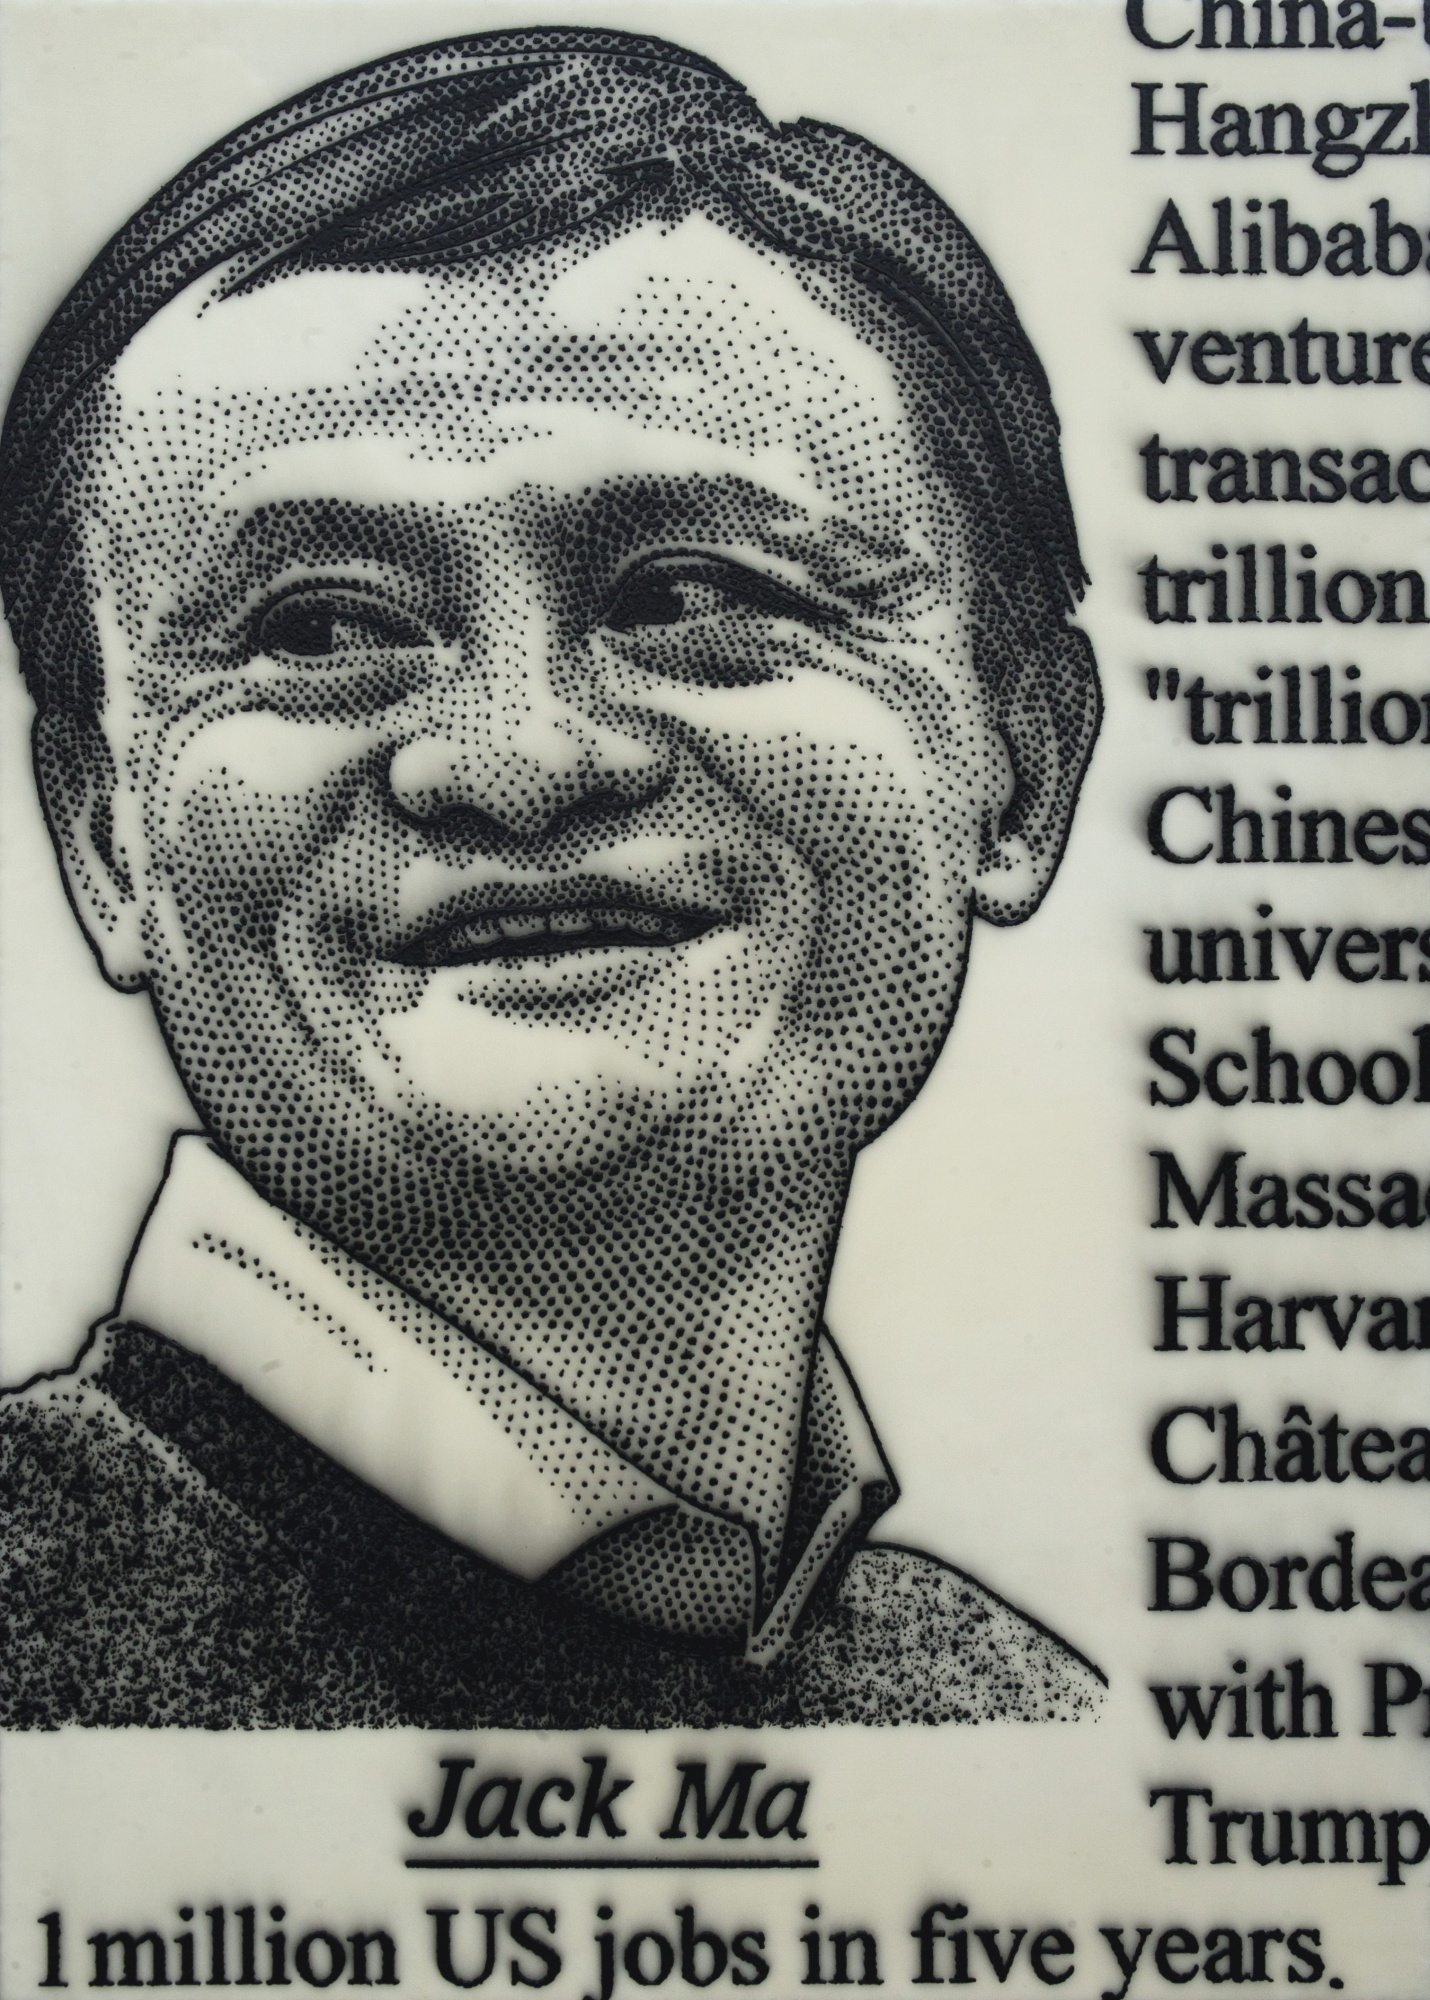 Jose Maria Cano-Ws100-Jack Ma-2017